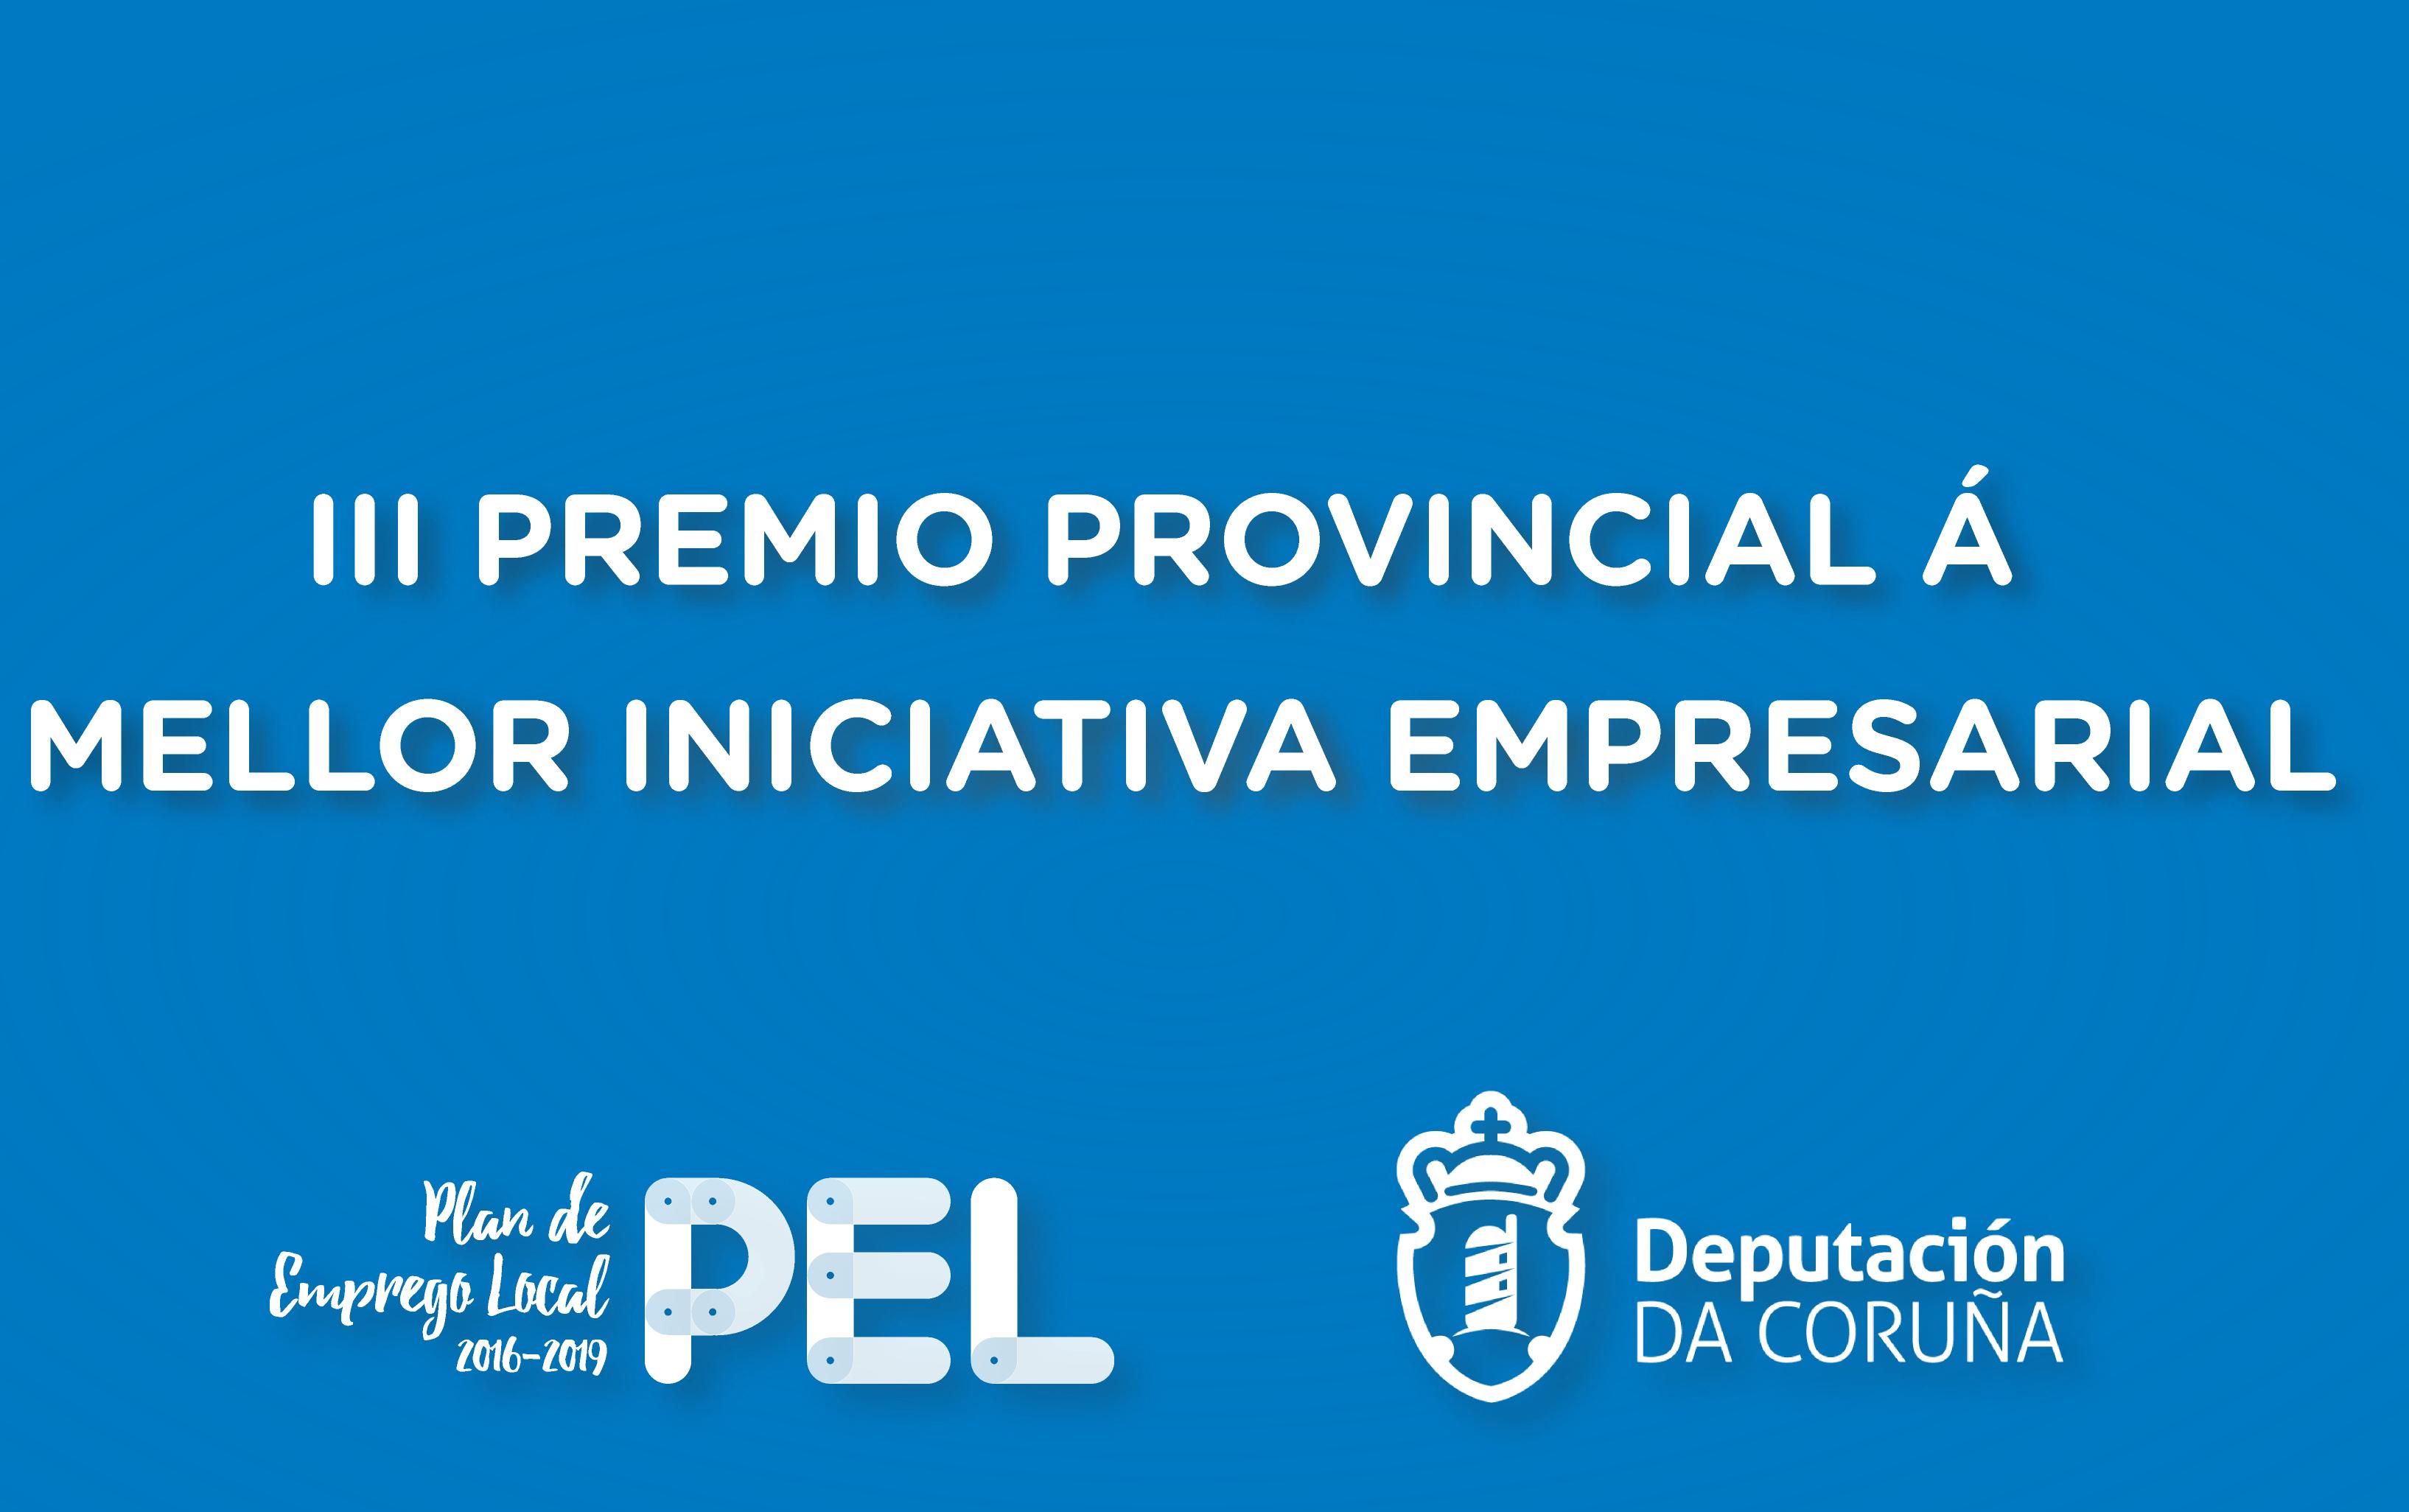 Premio Provincial